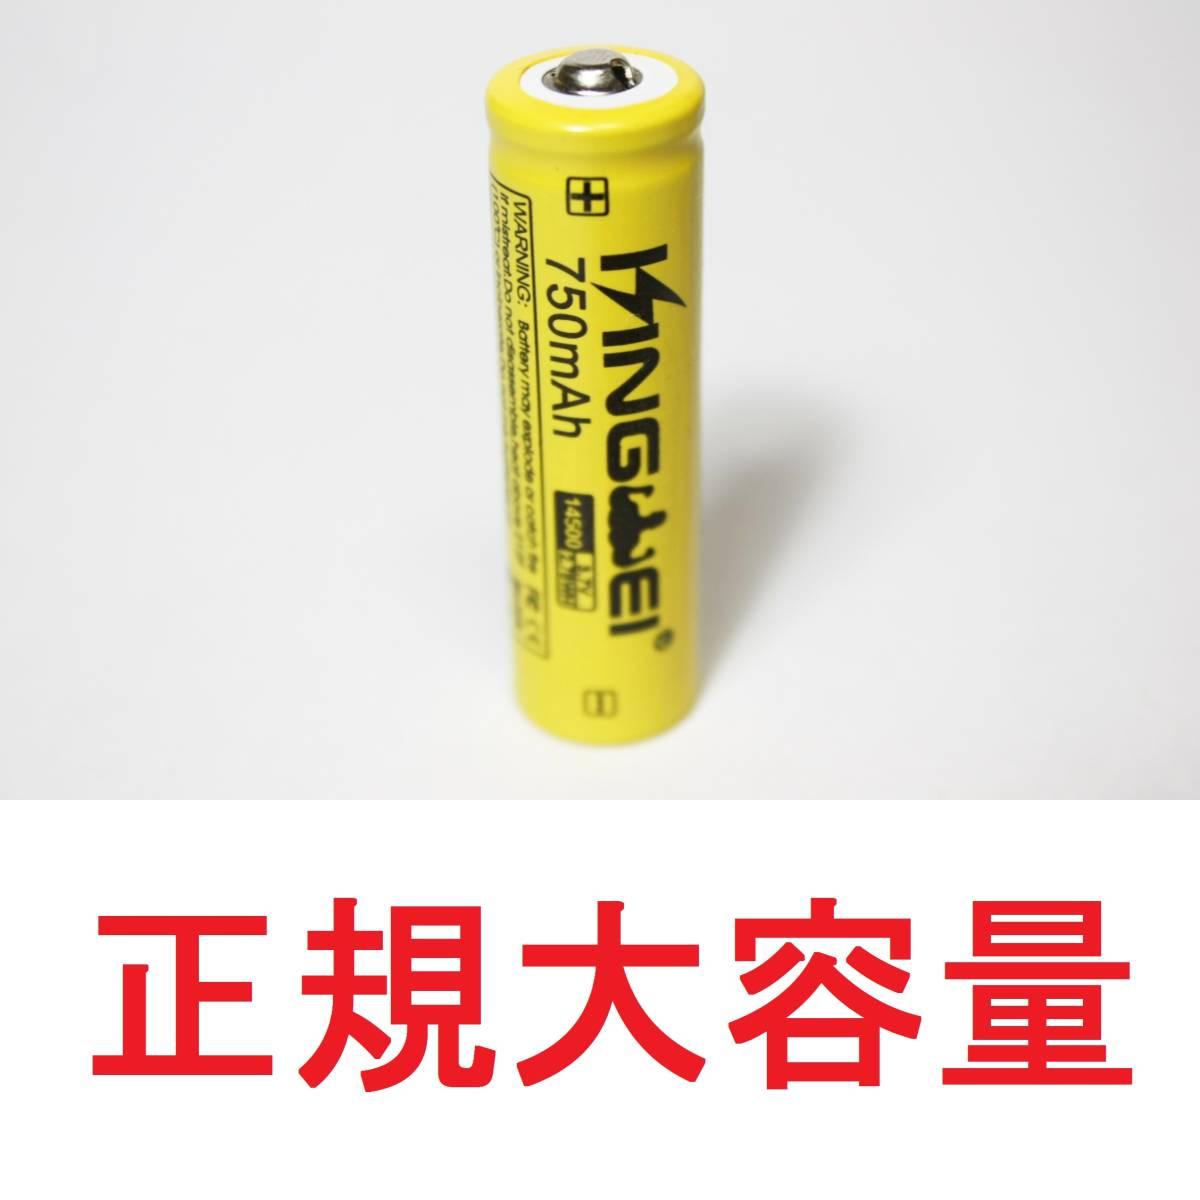 ★ 正規大容量 14500 リチウムイオン 充電池 バッテリー 懐中電灯 ハンディライト 04_画像1